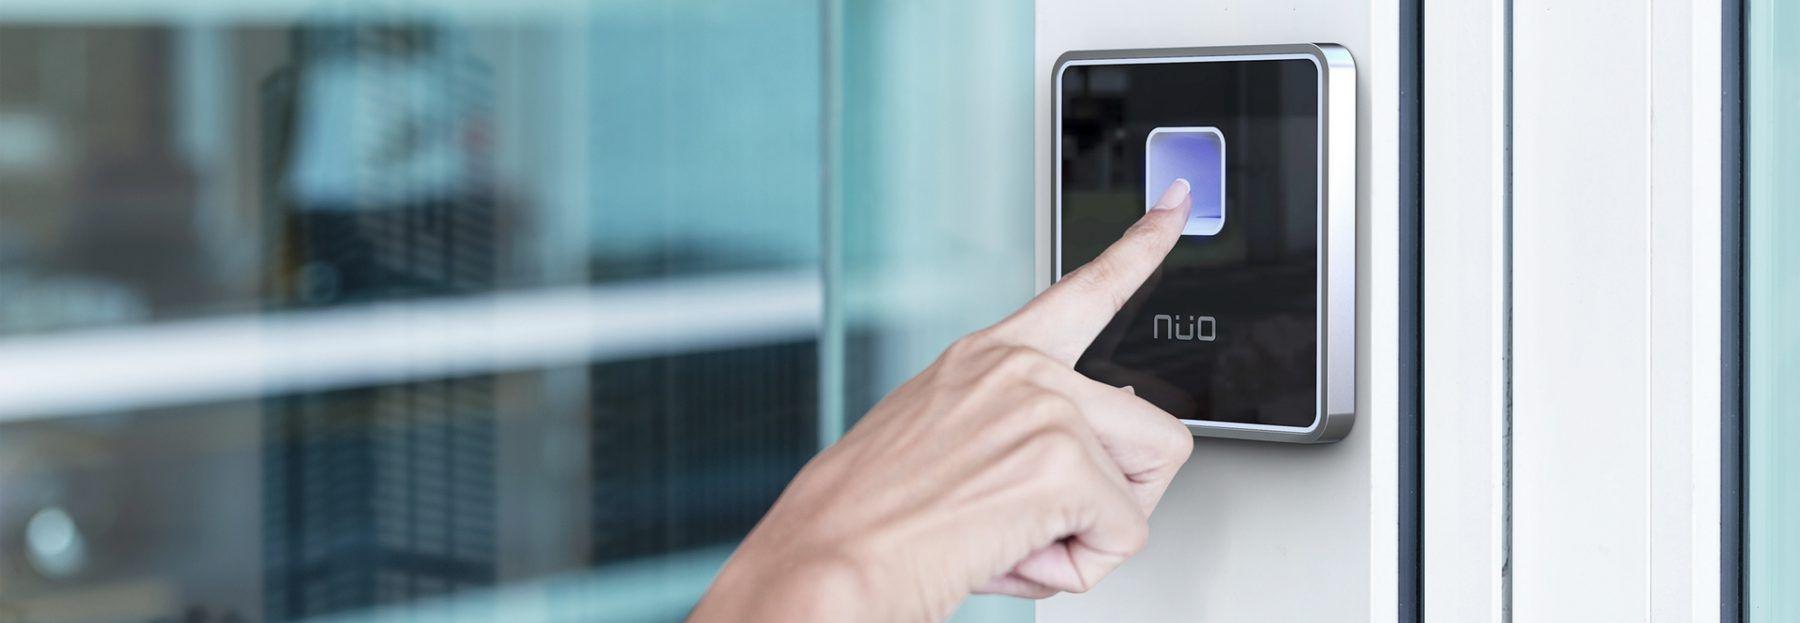 mano colocando dedo sobre lector de huella NÜO Awa, para ingresar a una puerta controlada por un sistema de control de acceso